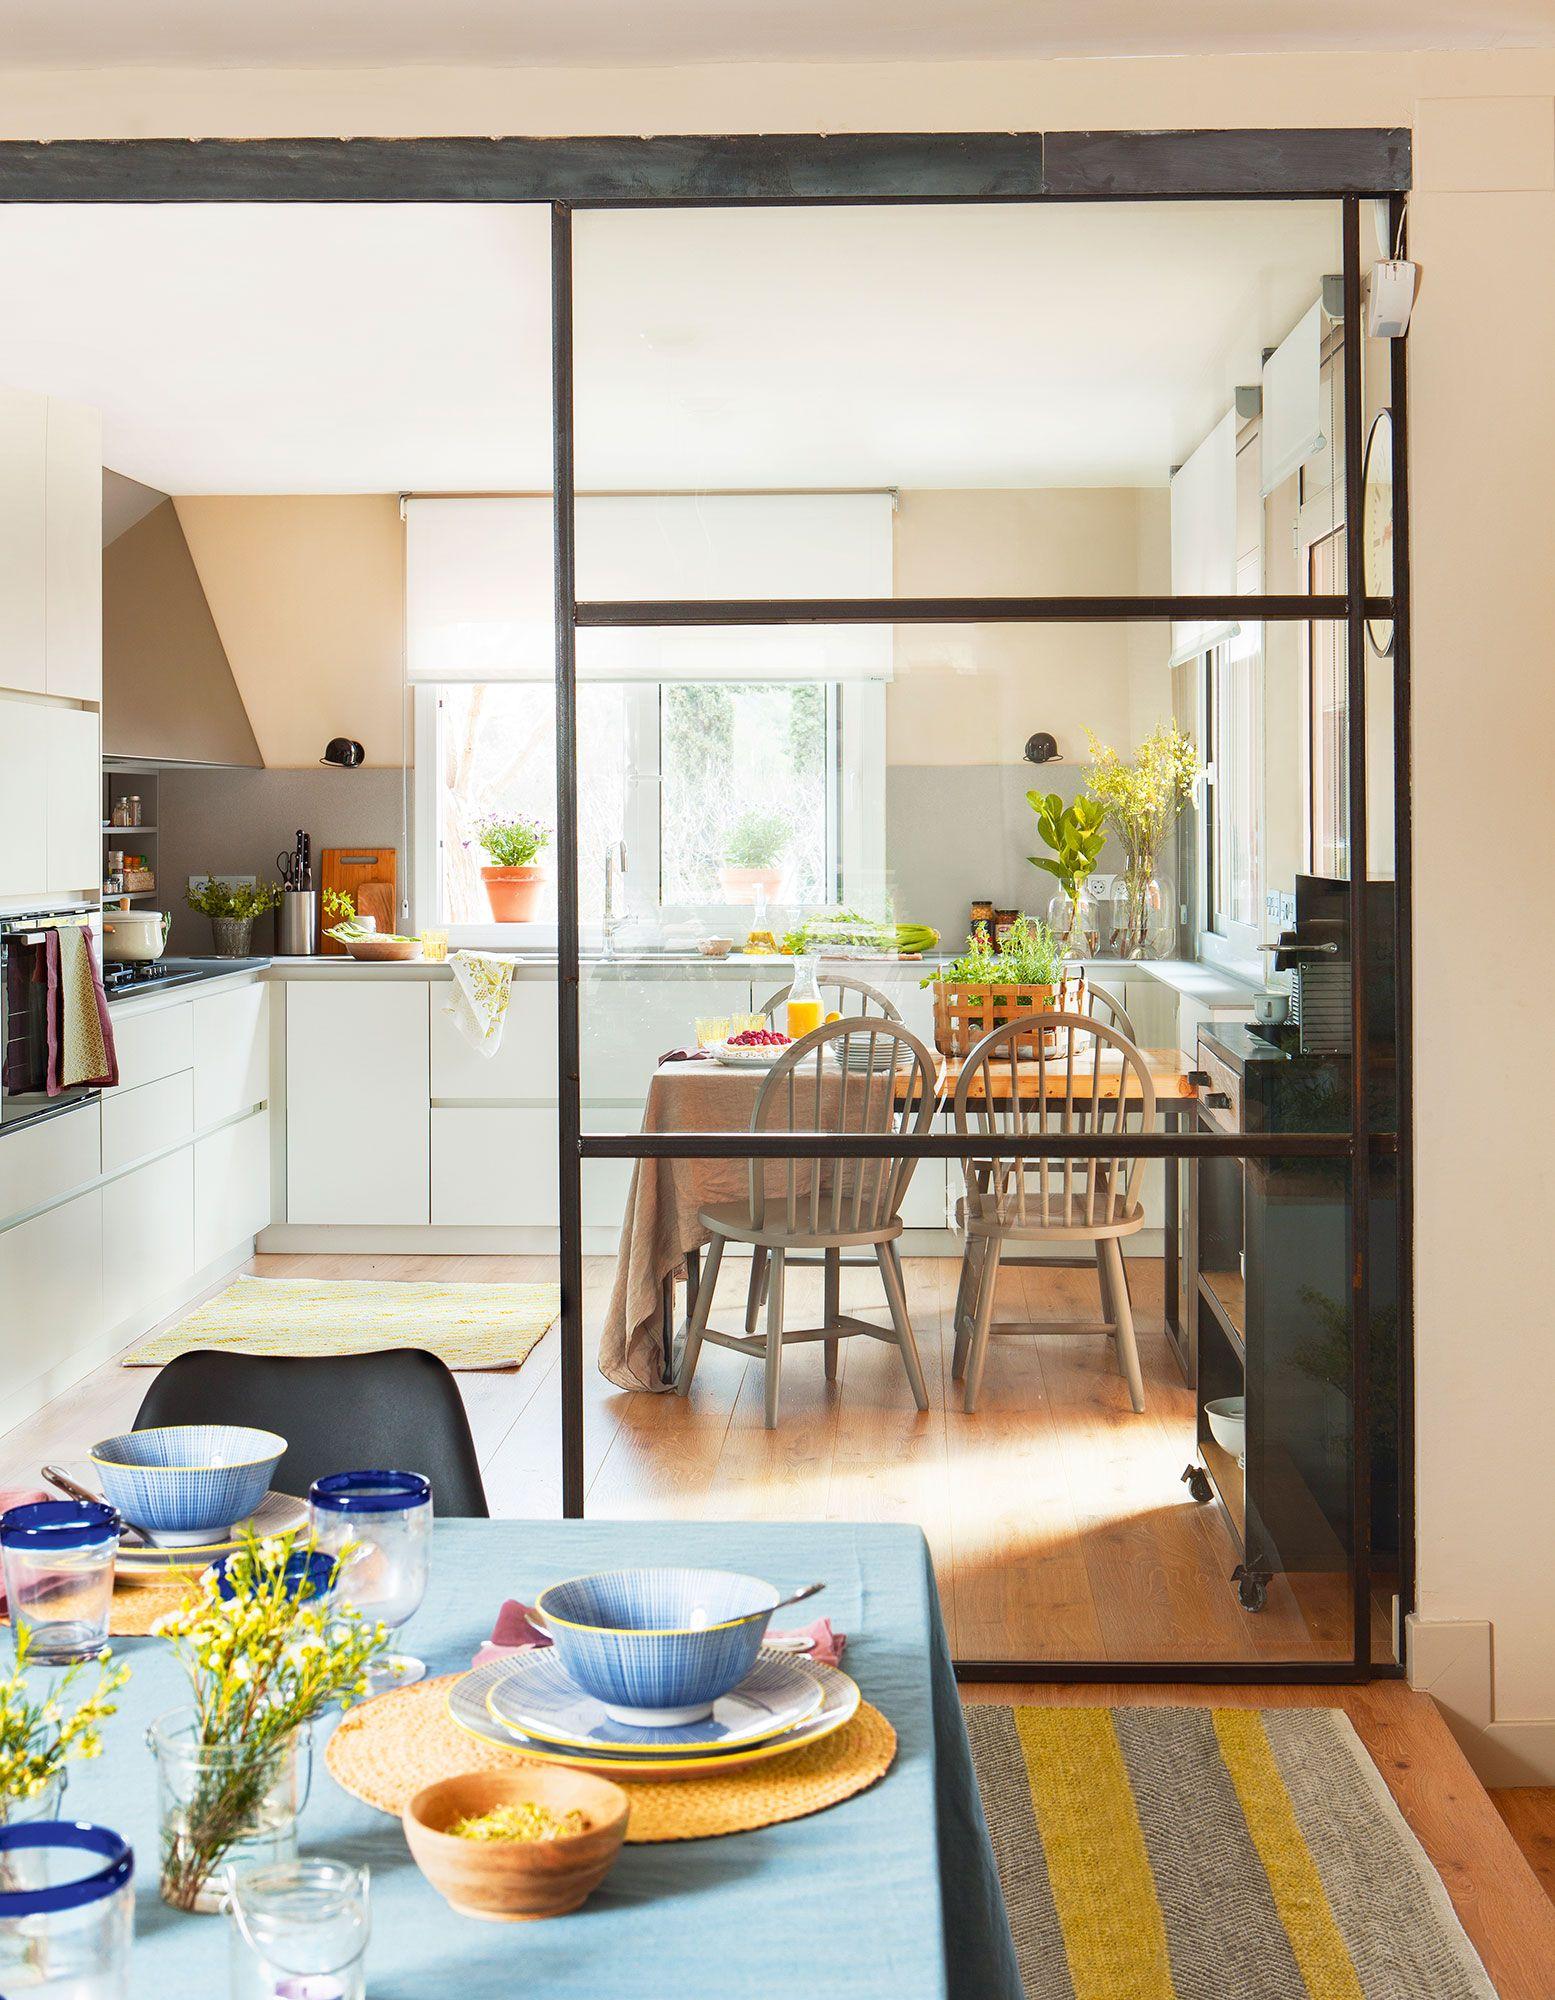 Una Pared De Cristal Decoracion De Cocina Cocinas Abiertas Decoracion De Cocina Moderna